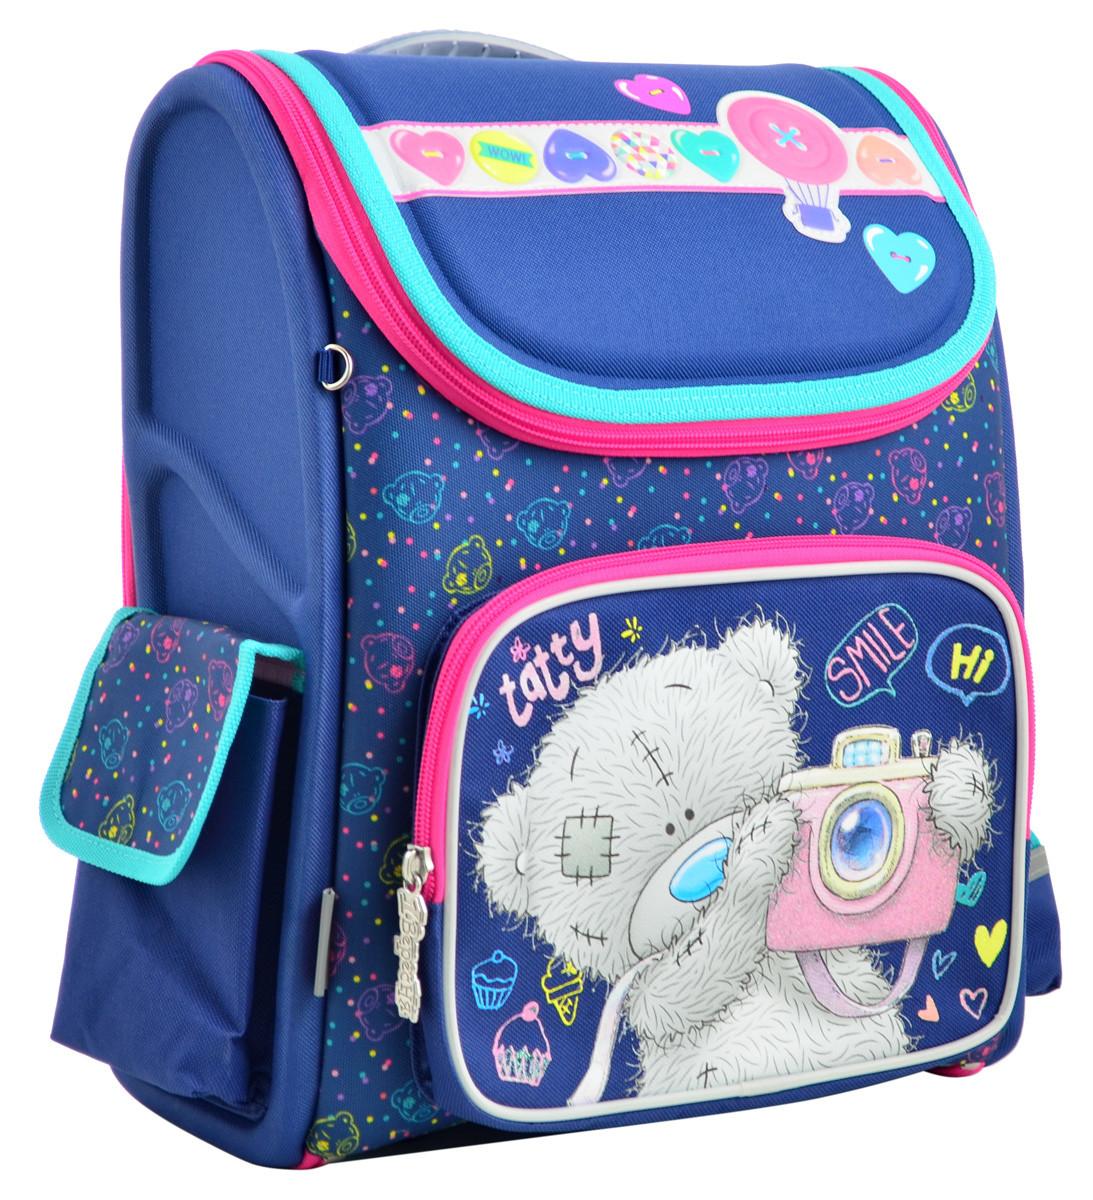 Рюкзак школьный ортопедический каркасный YES H-17 MTY 34.5*28*13.5 код: 555096